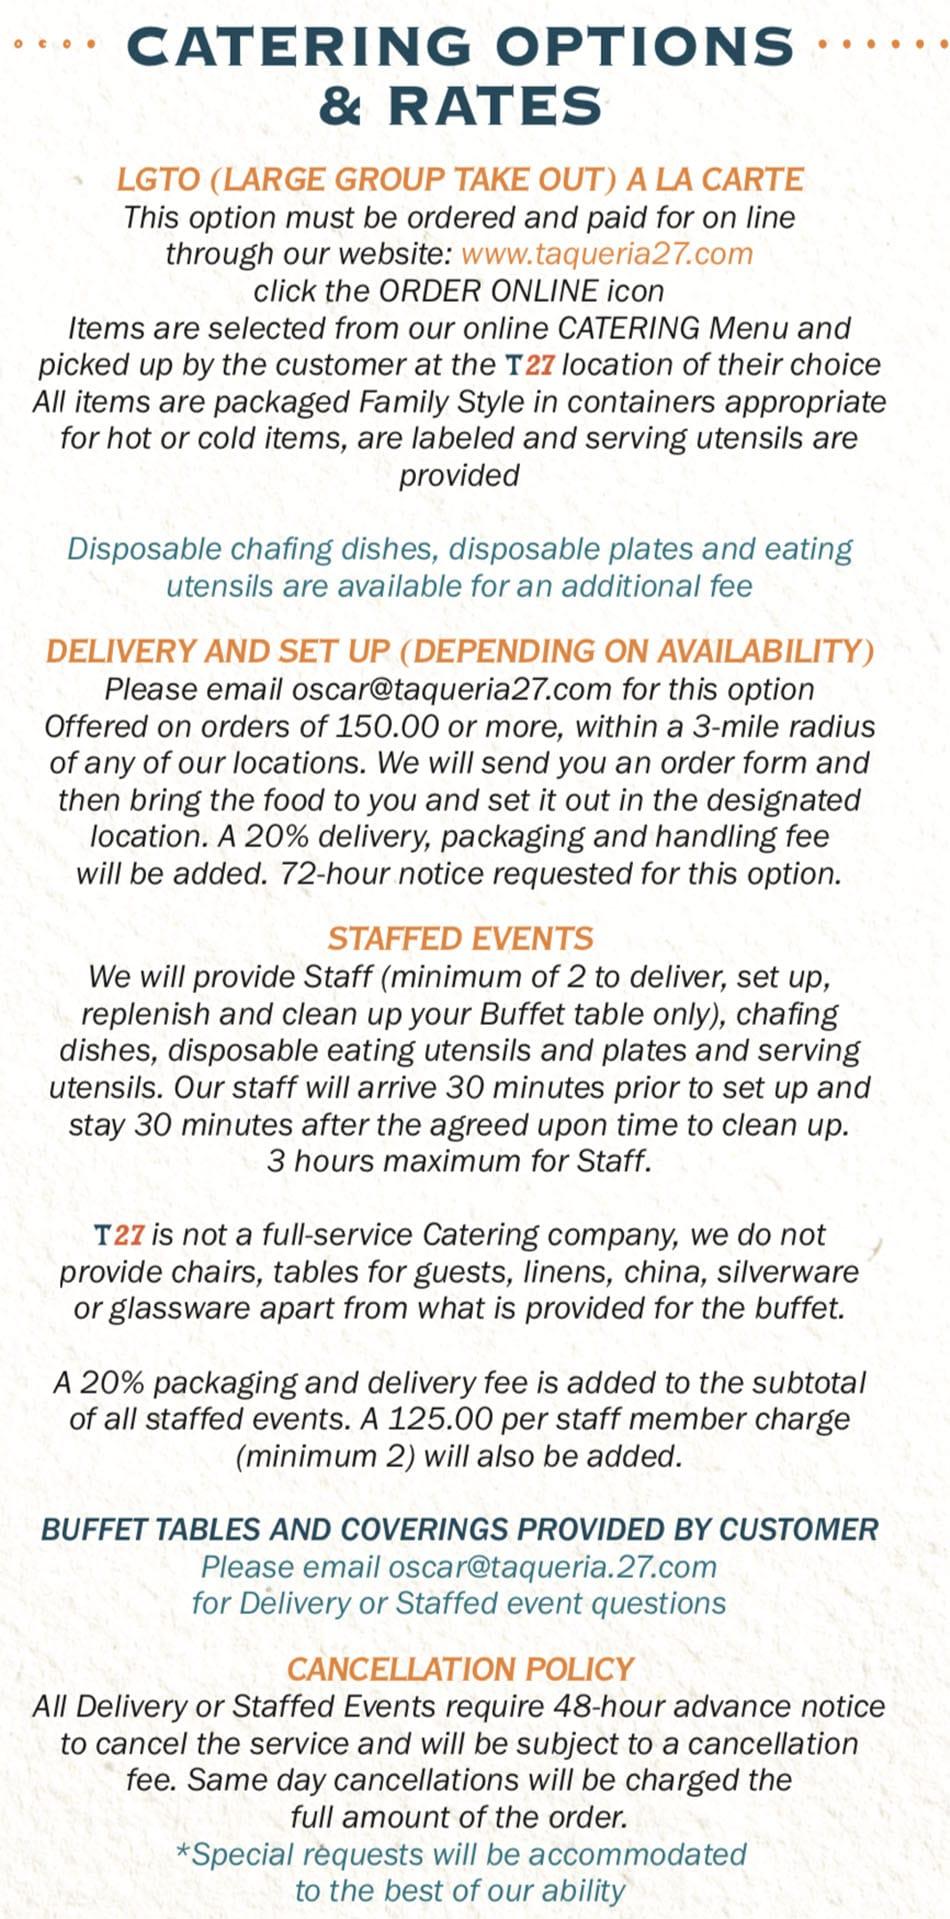 Taqueria 27 menu - catering options